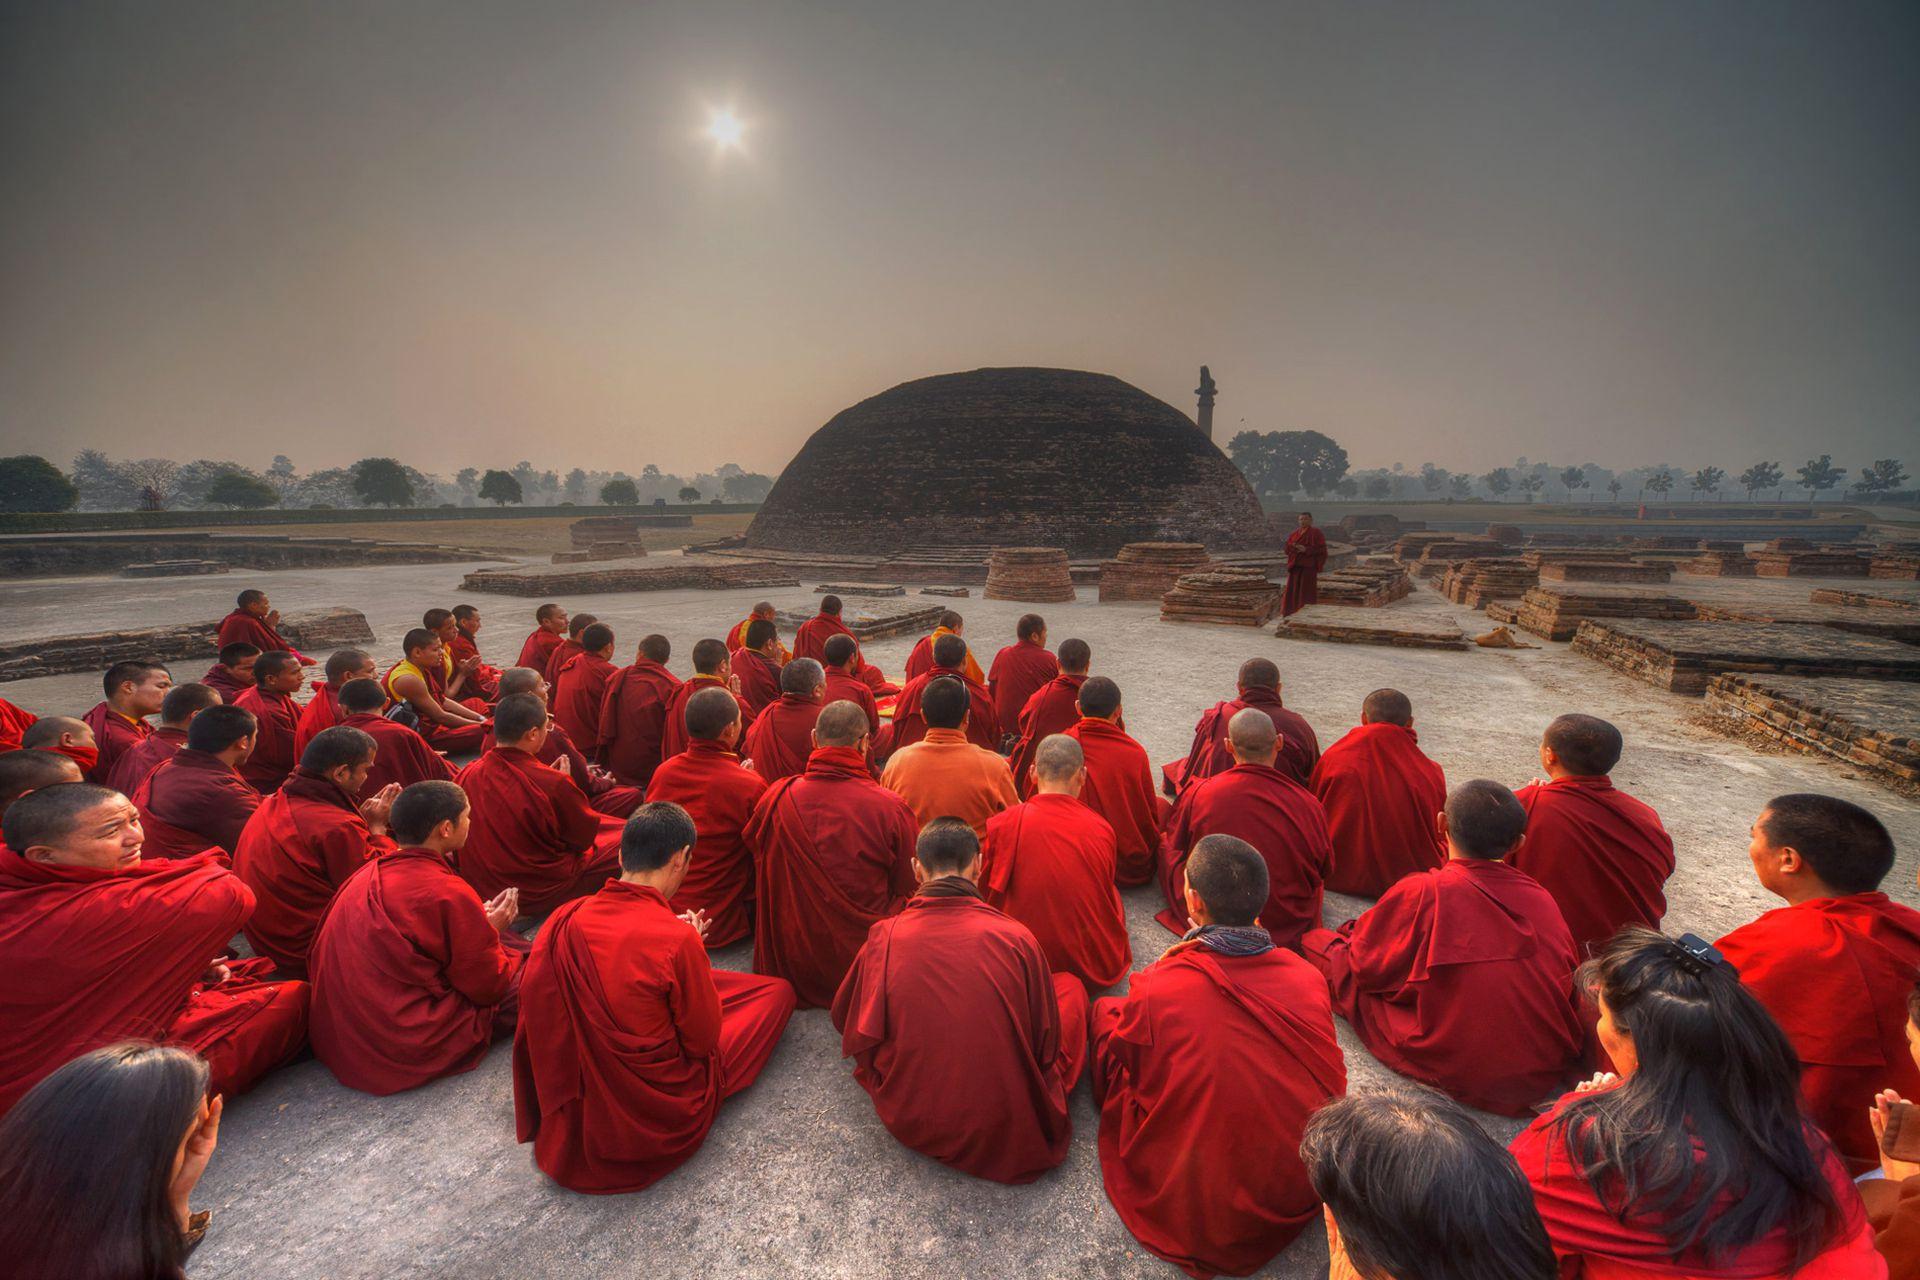 Durante una peregrinación a los ocho principales lugares sagrados budistas en la India y Nepal, monjes y monjas del monasterio de Shechen están sentados en la meditación frente a la Estupa Vaishali, en Bihar